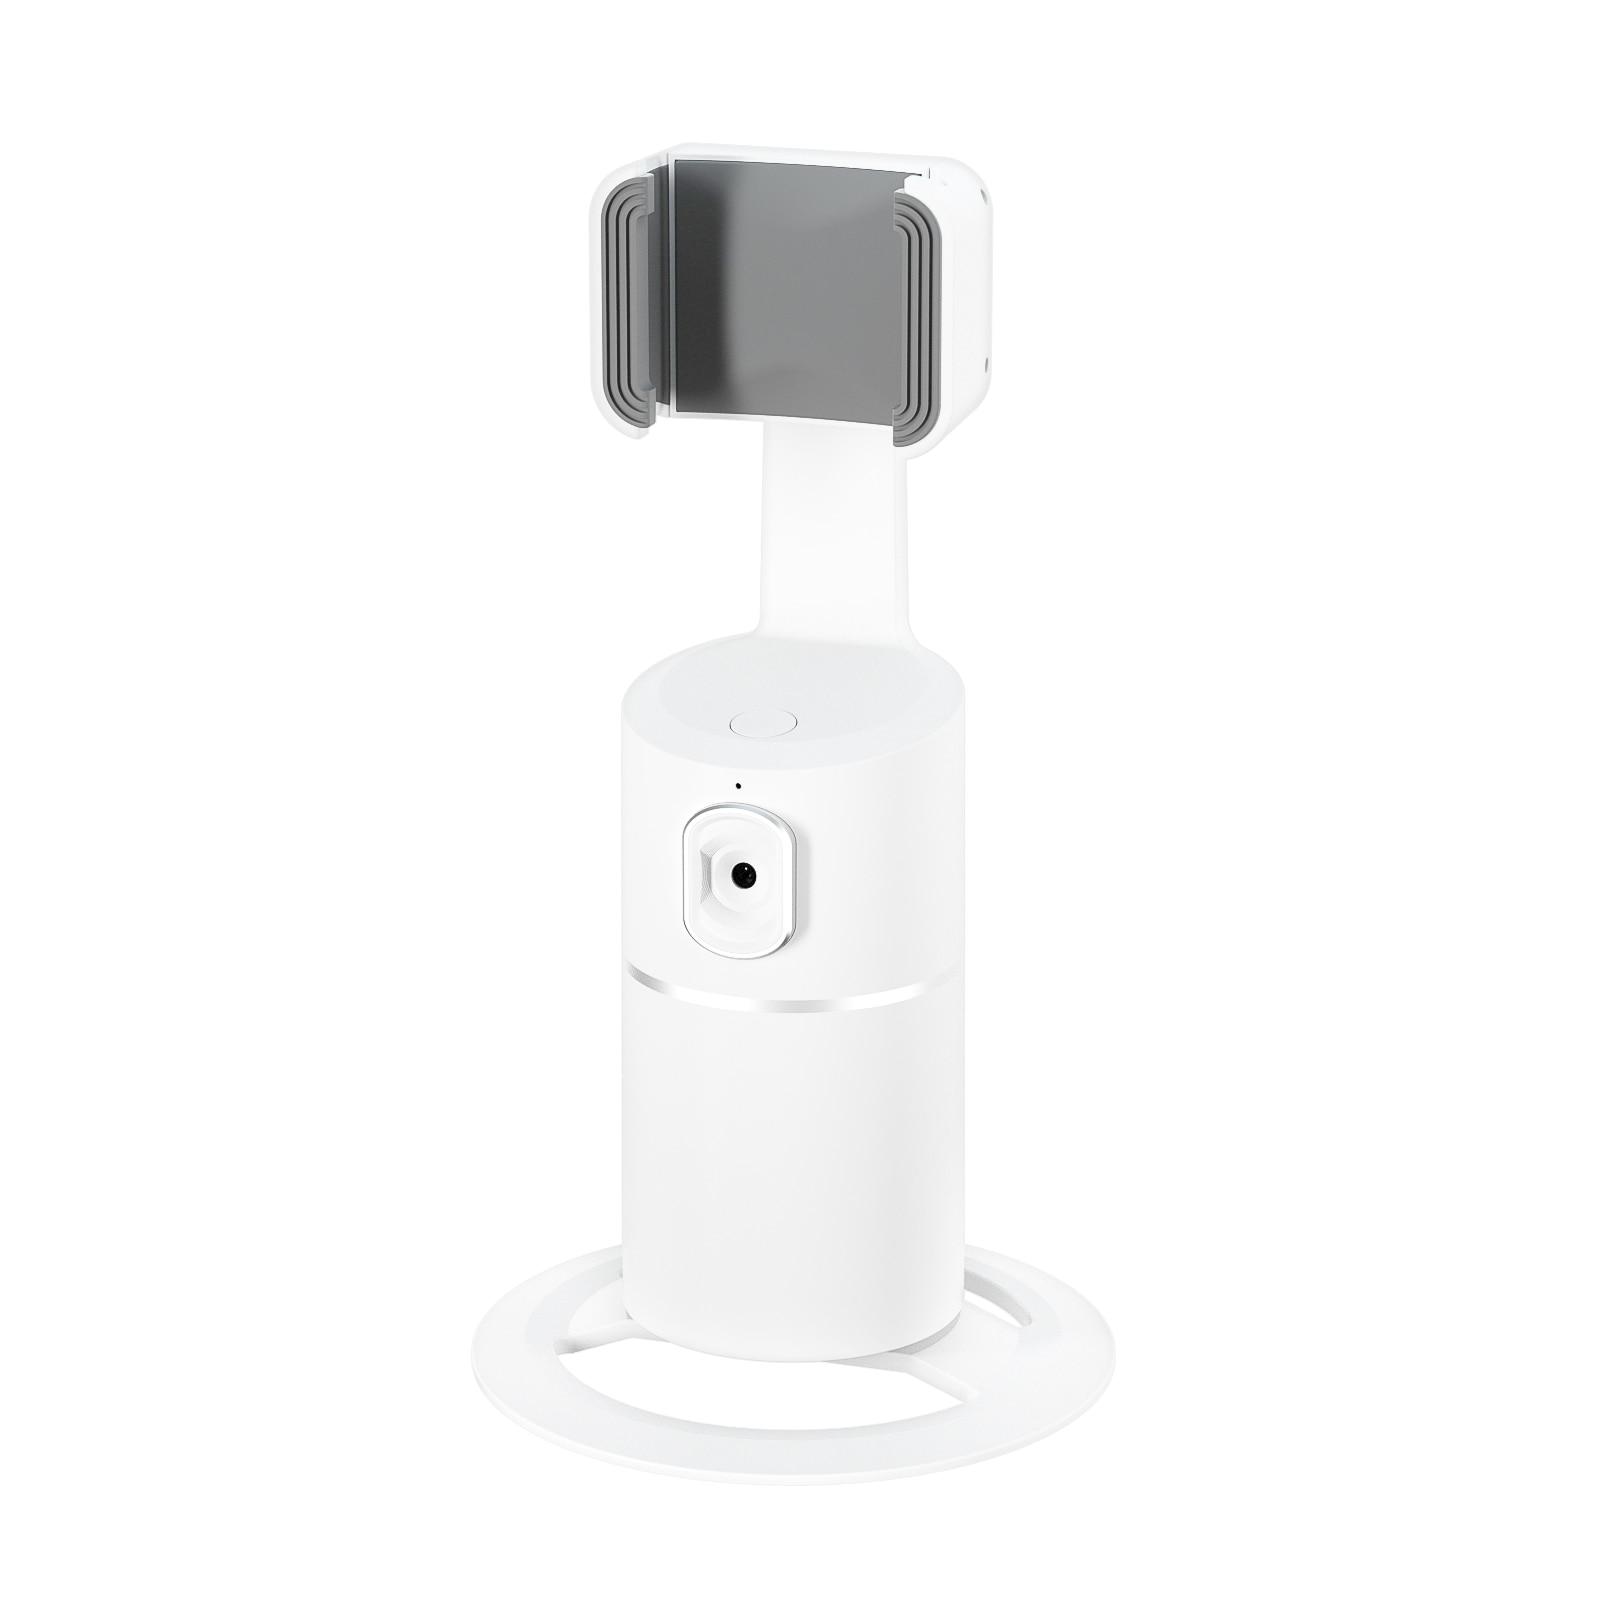 Futhure 360° Intelligent Phone Holder